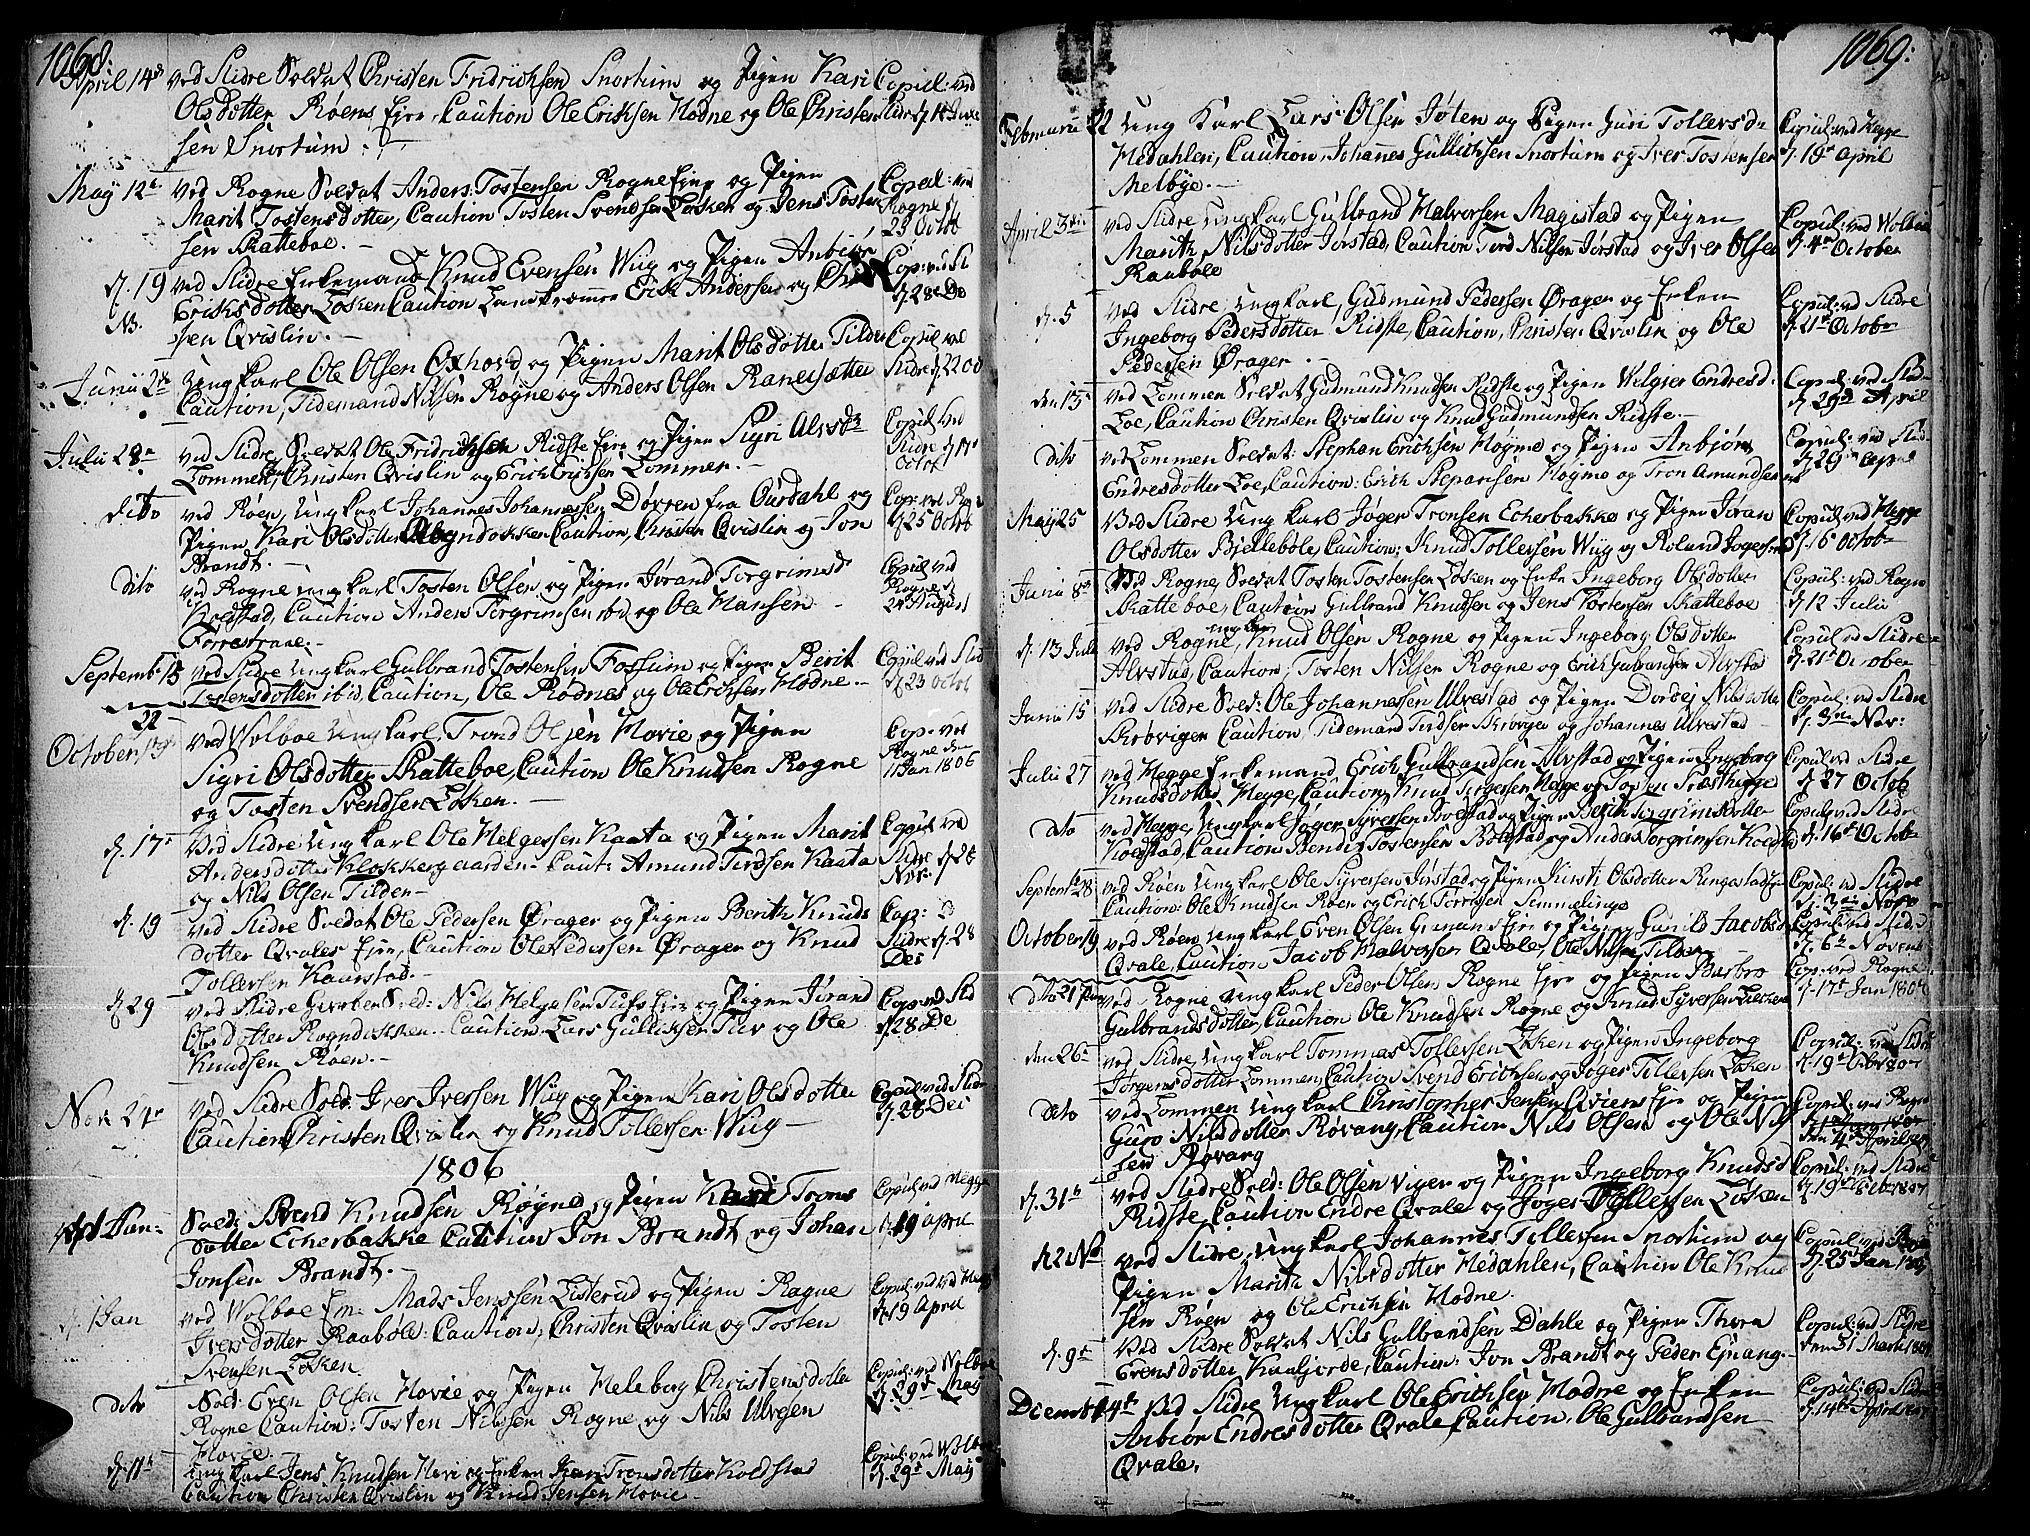 SAH, Slidre prestekontor, Ministerialbok nr. 1, 1724-1814, s. 1068-1069